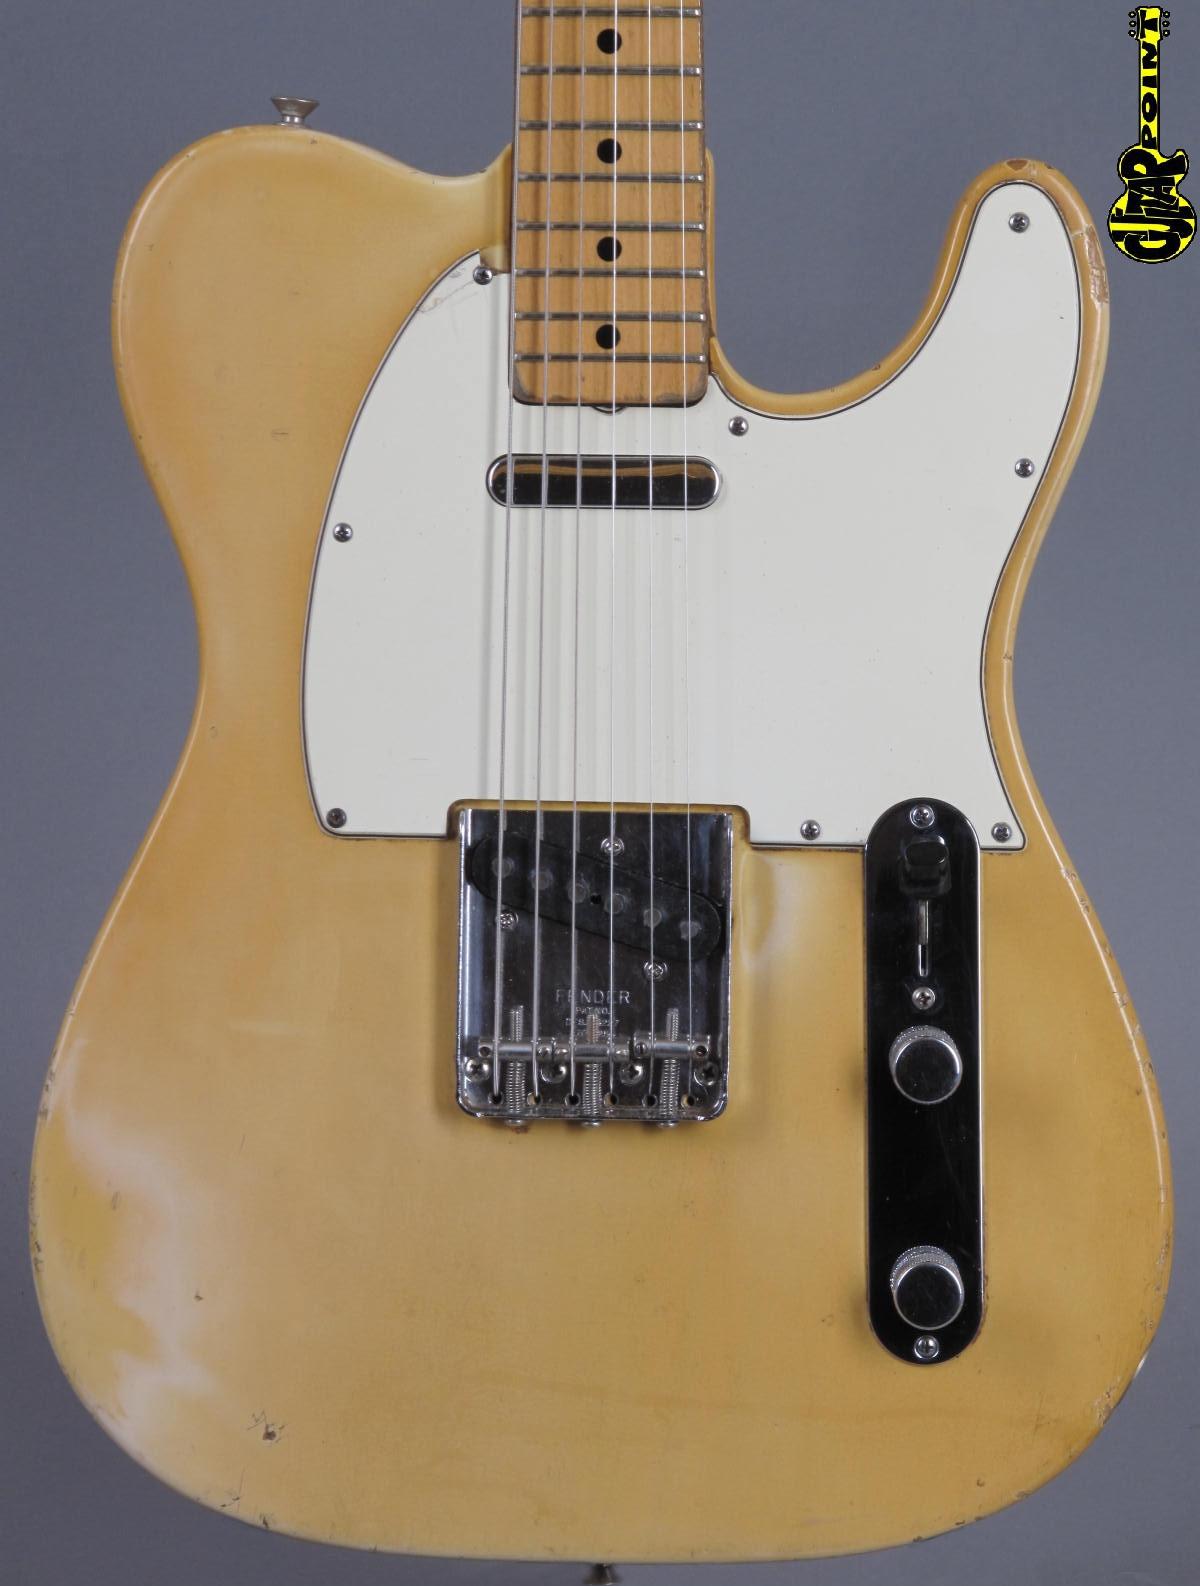 1973 Fender Telecaster - Blond / maple-neck